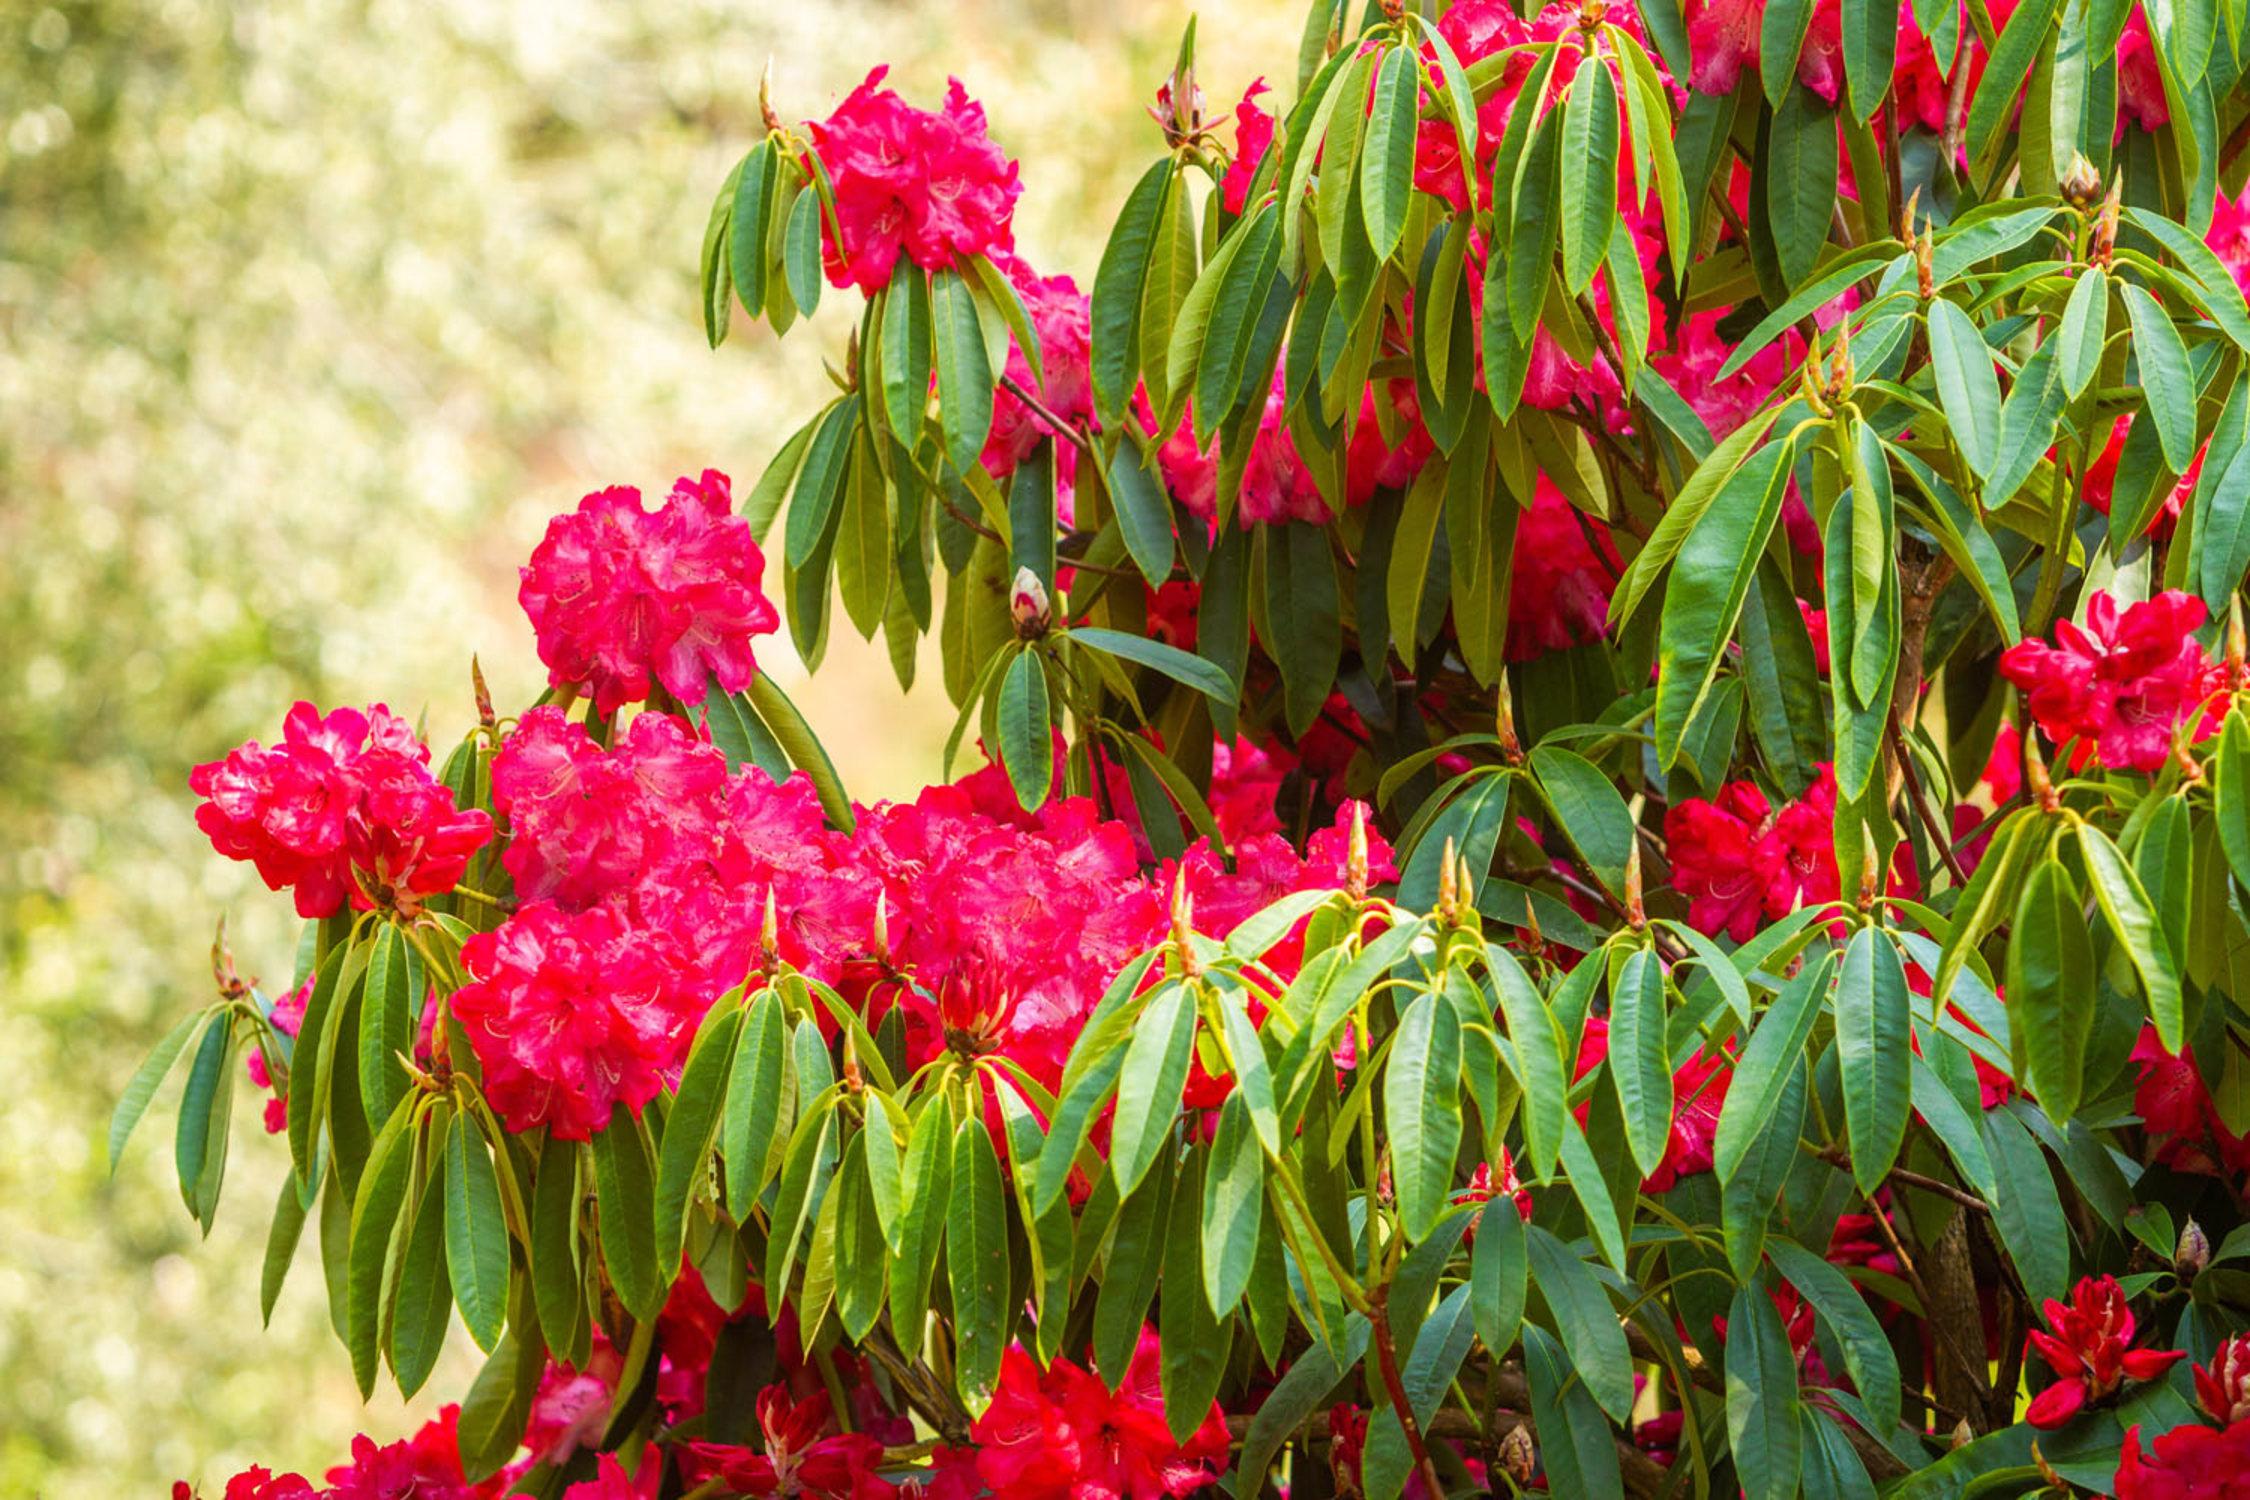 This Week's Floral Display